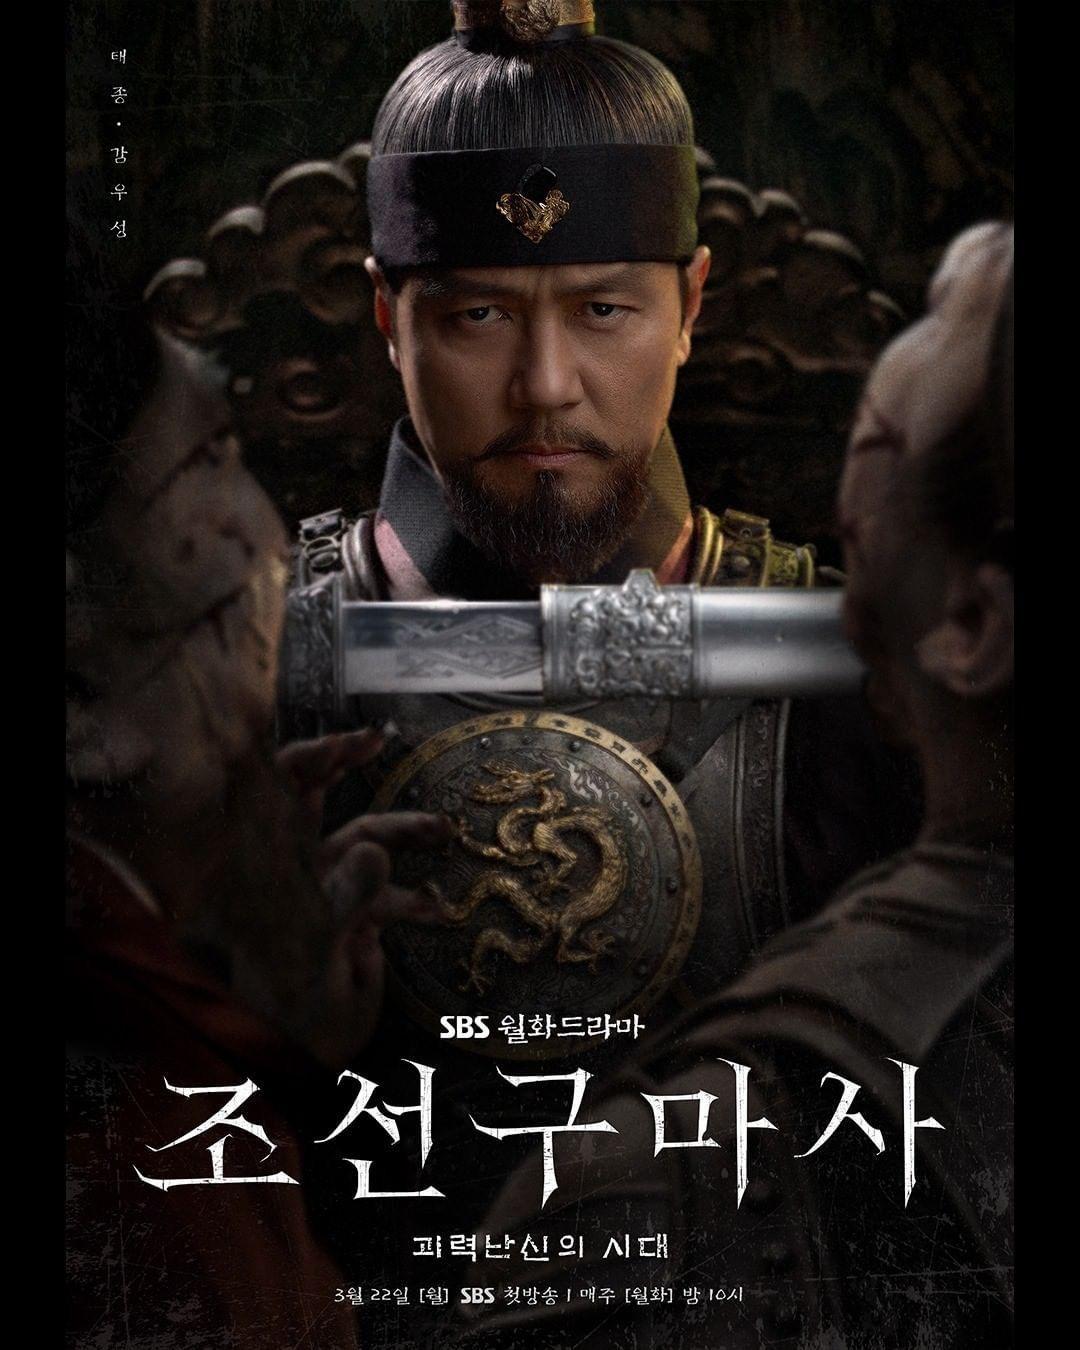 朝鲜驱魔师全集 2021韩剧 HD720P 高清下载